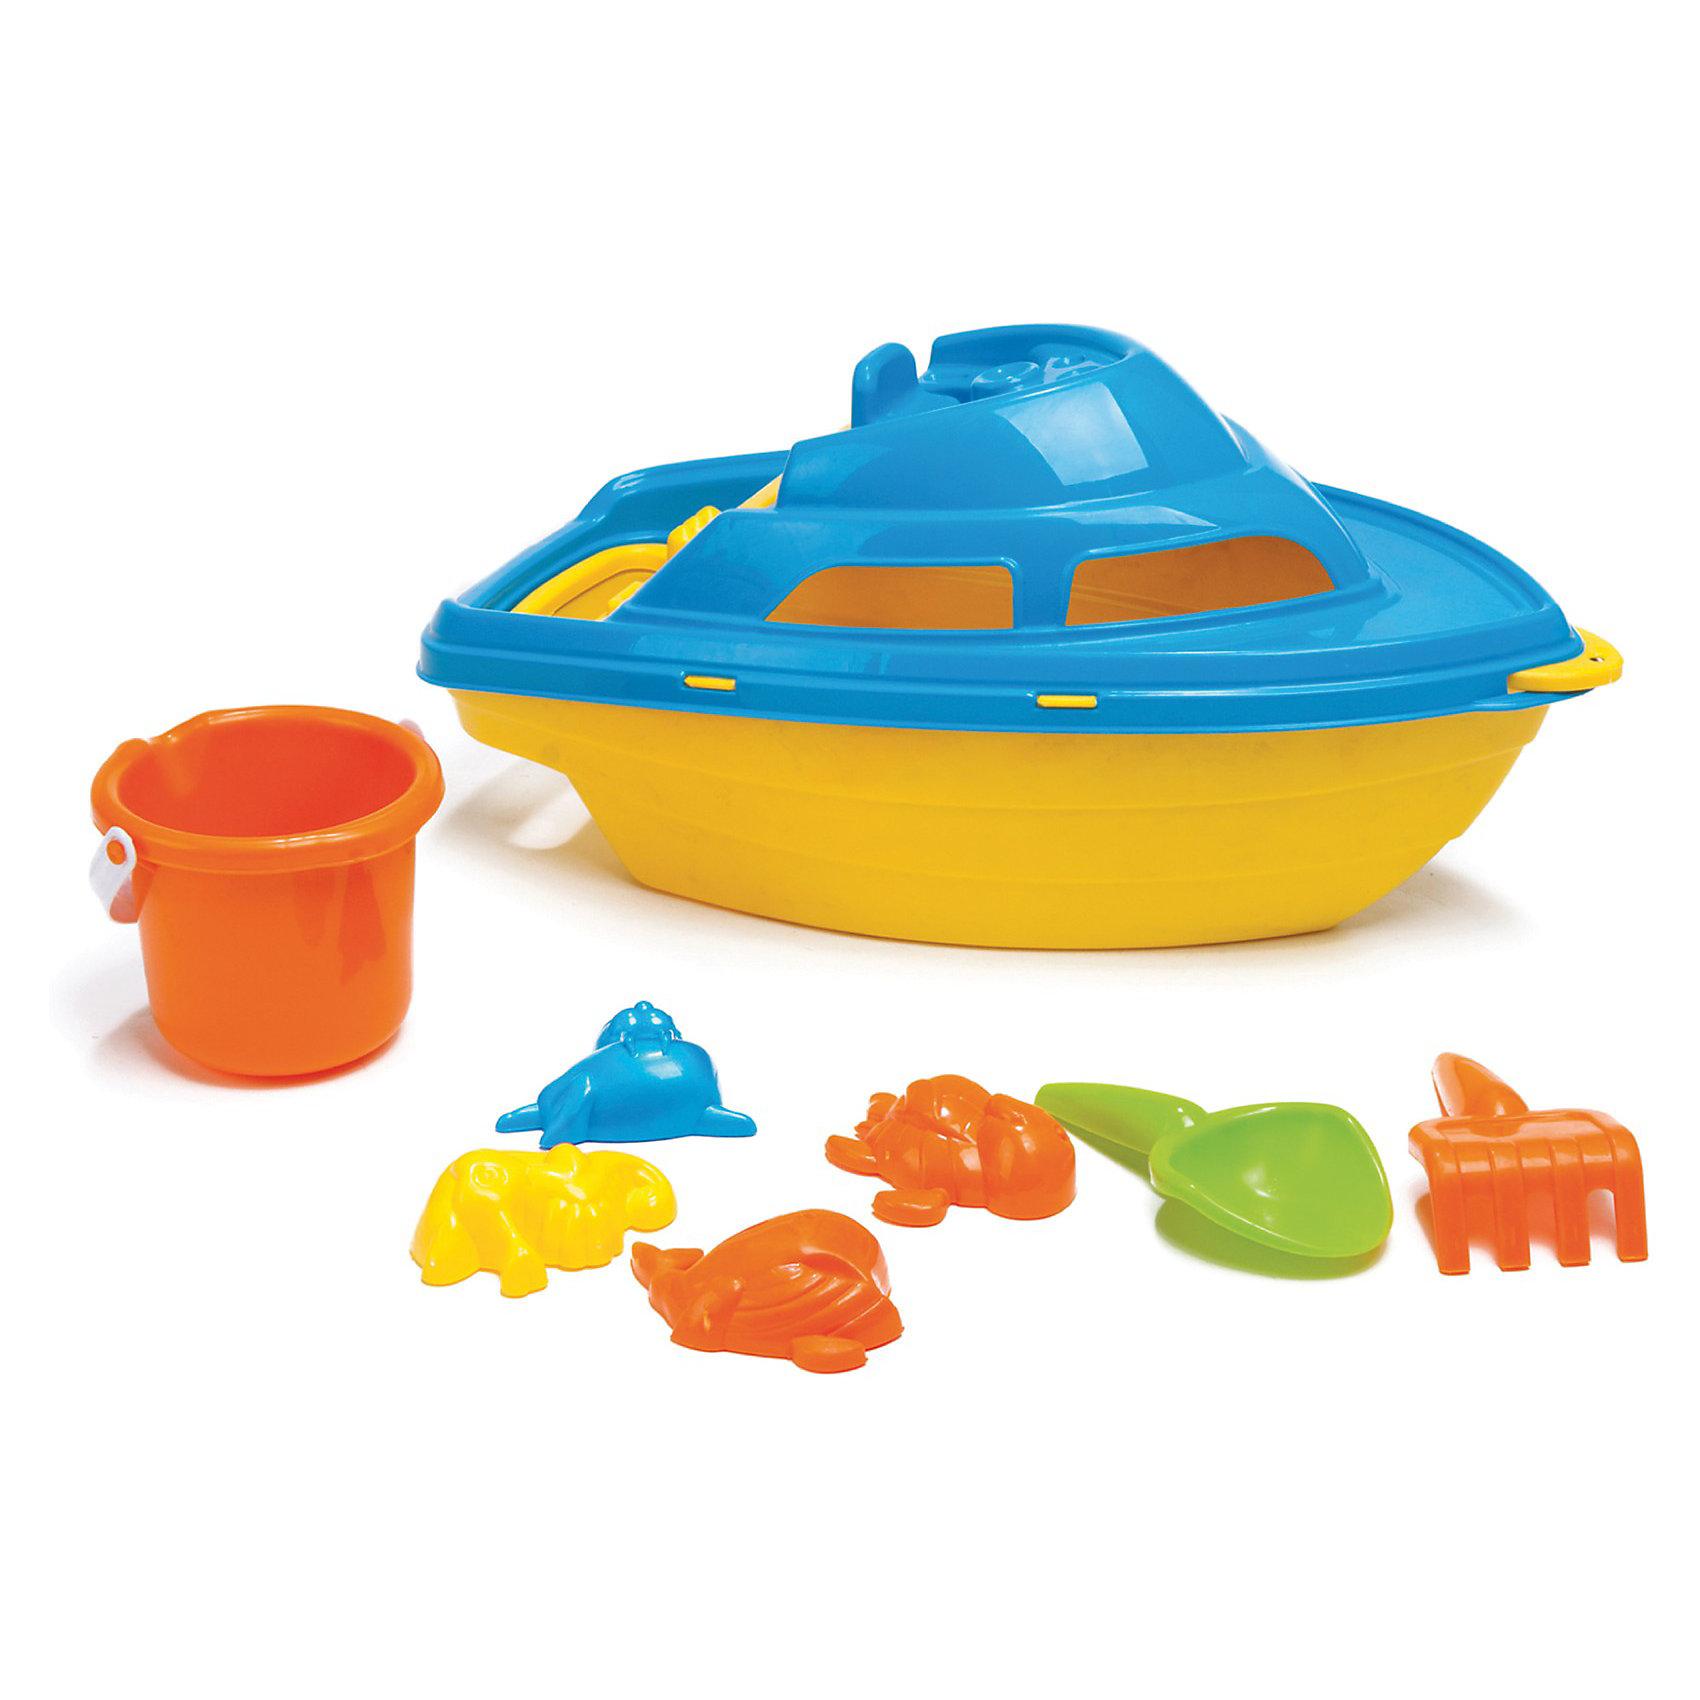 DOLU Яхта с песочным наборомИграем в песочнице<br>Собираясь на пляжный отдых не забудьте взять песочный набор Яхта. Ребенку будет некогда скучать: он будет строить куличики и запускать свою яхту в открытое плаванье. При изготовлении игрушки использовались только качественные и нетоксичные материалы.<br><br>Ширина мм: 430<br>Глубина мм: 210<br>Высота мм: 190<br>Вес г: 500<br>Возраст от месяцев: 36<br>Возраст до месяцев: 60<br>Пол: Унисекс<br>Возраст: Детский<br>SKU: 3261107